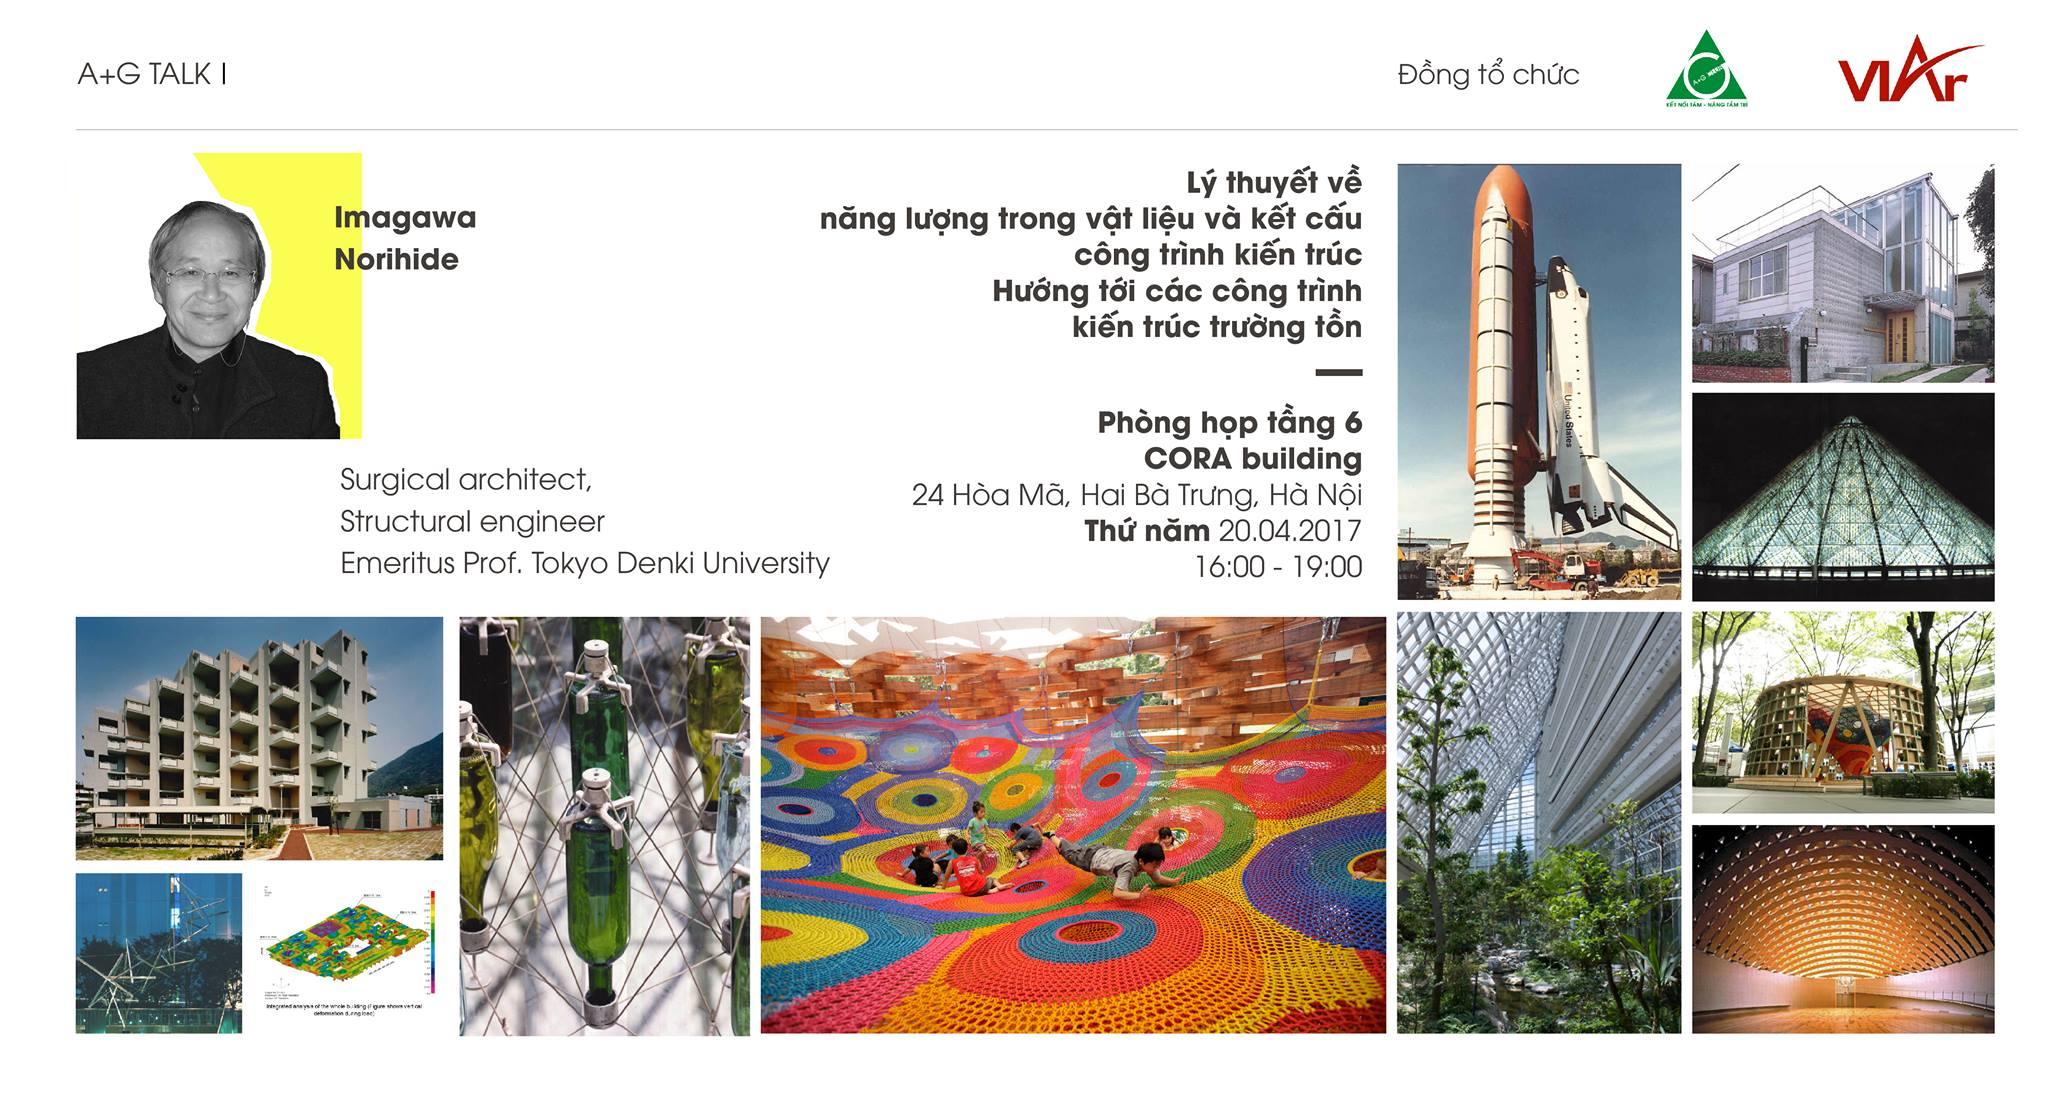 Viện Kiến trúc Quốc gia đồng tổ chức sinh hoạt chuyên đề tháng 4/2017 với sự hiện diện của Kts.ks Imagawa Norihide